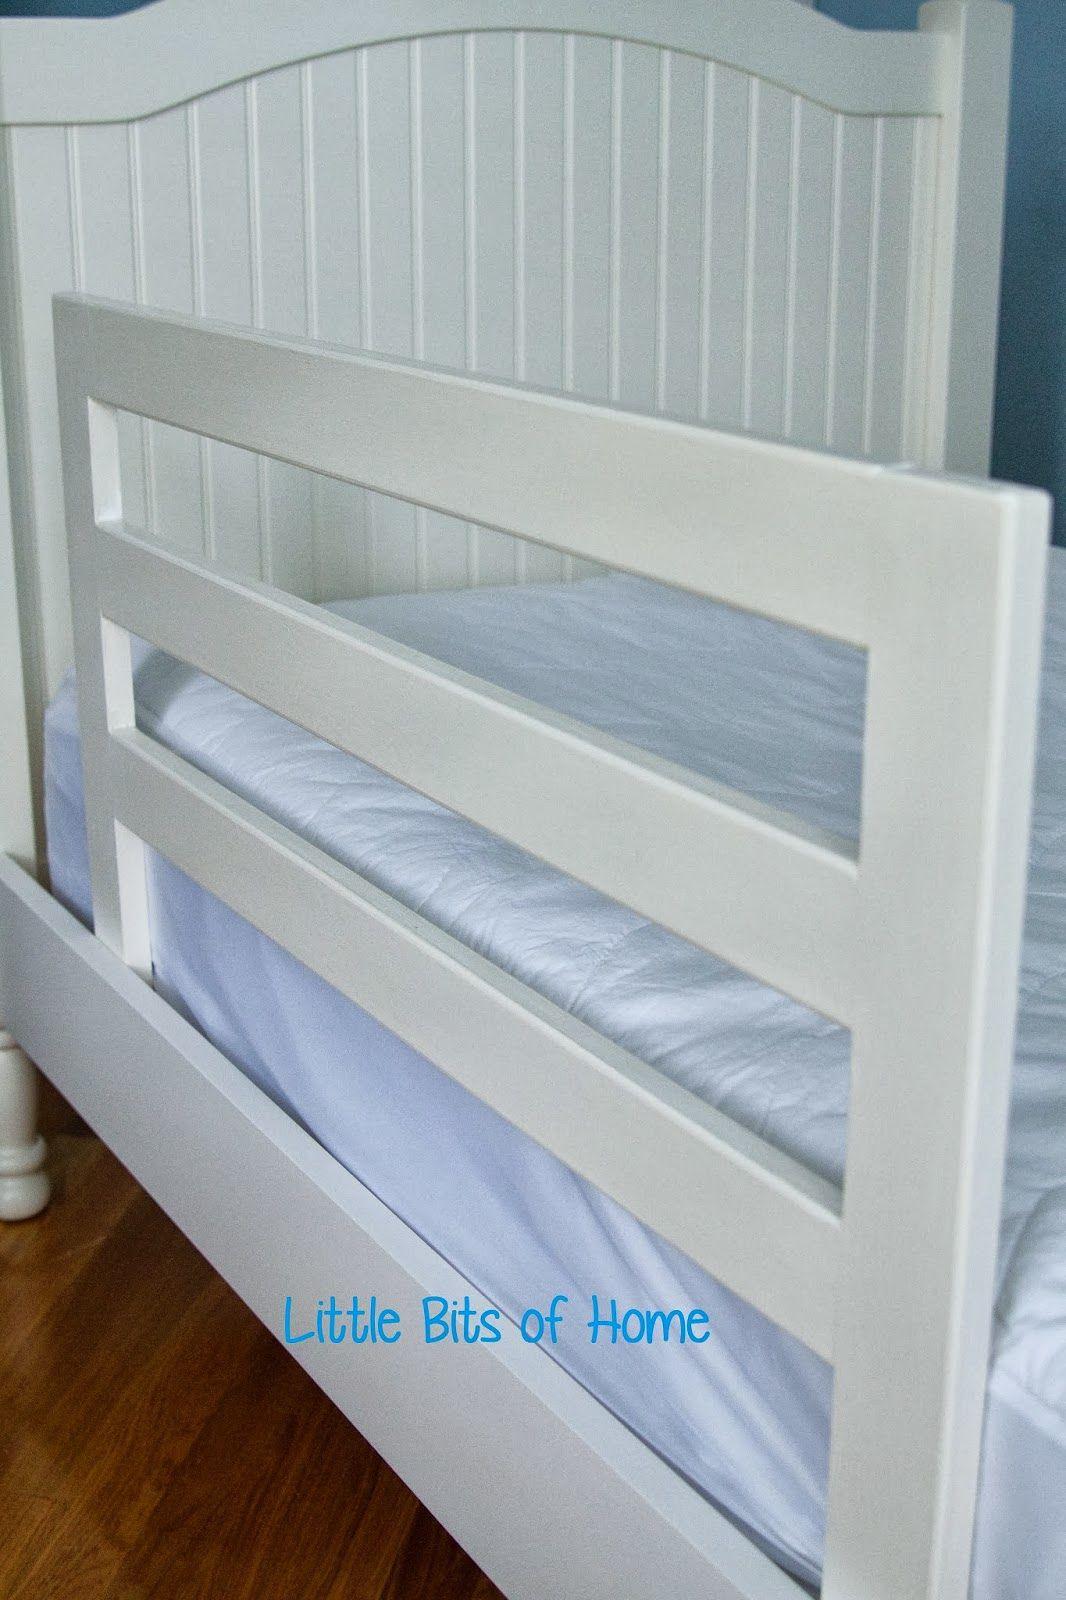 77 Side Rails For Toddler Bed